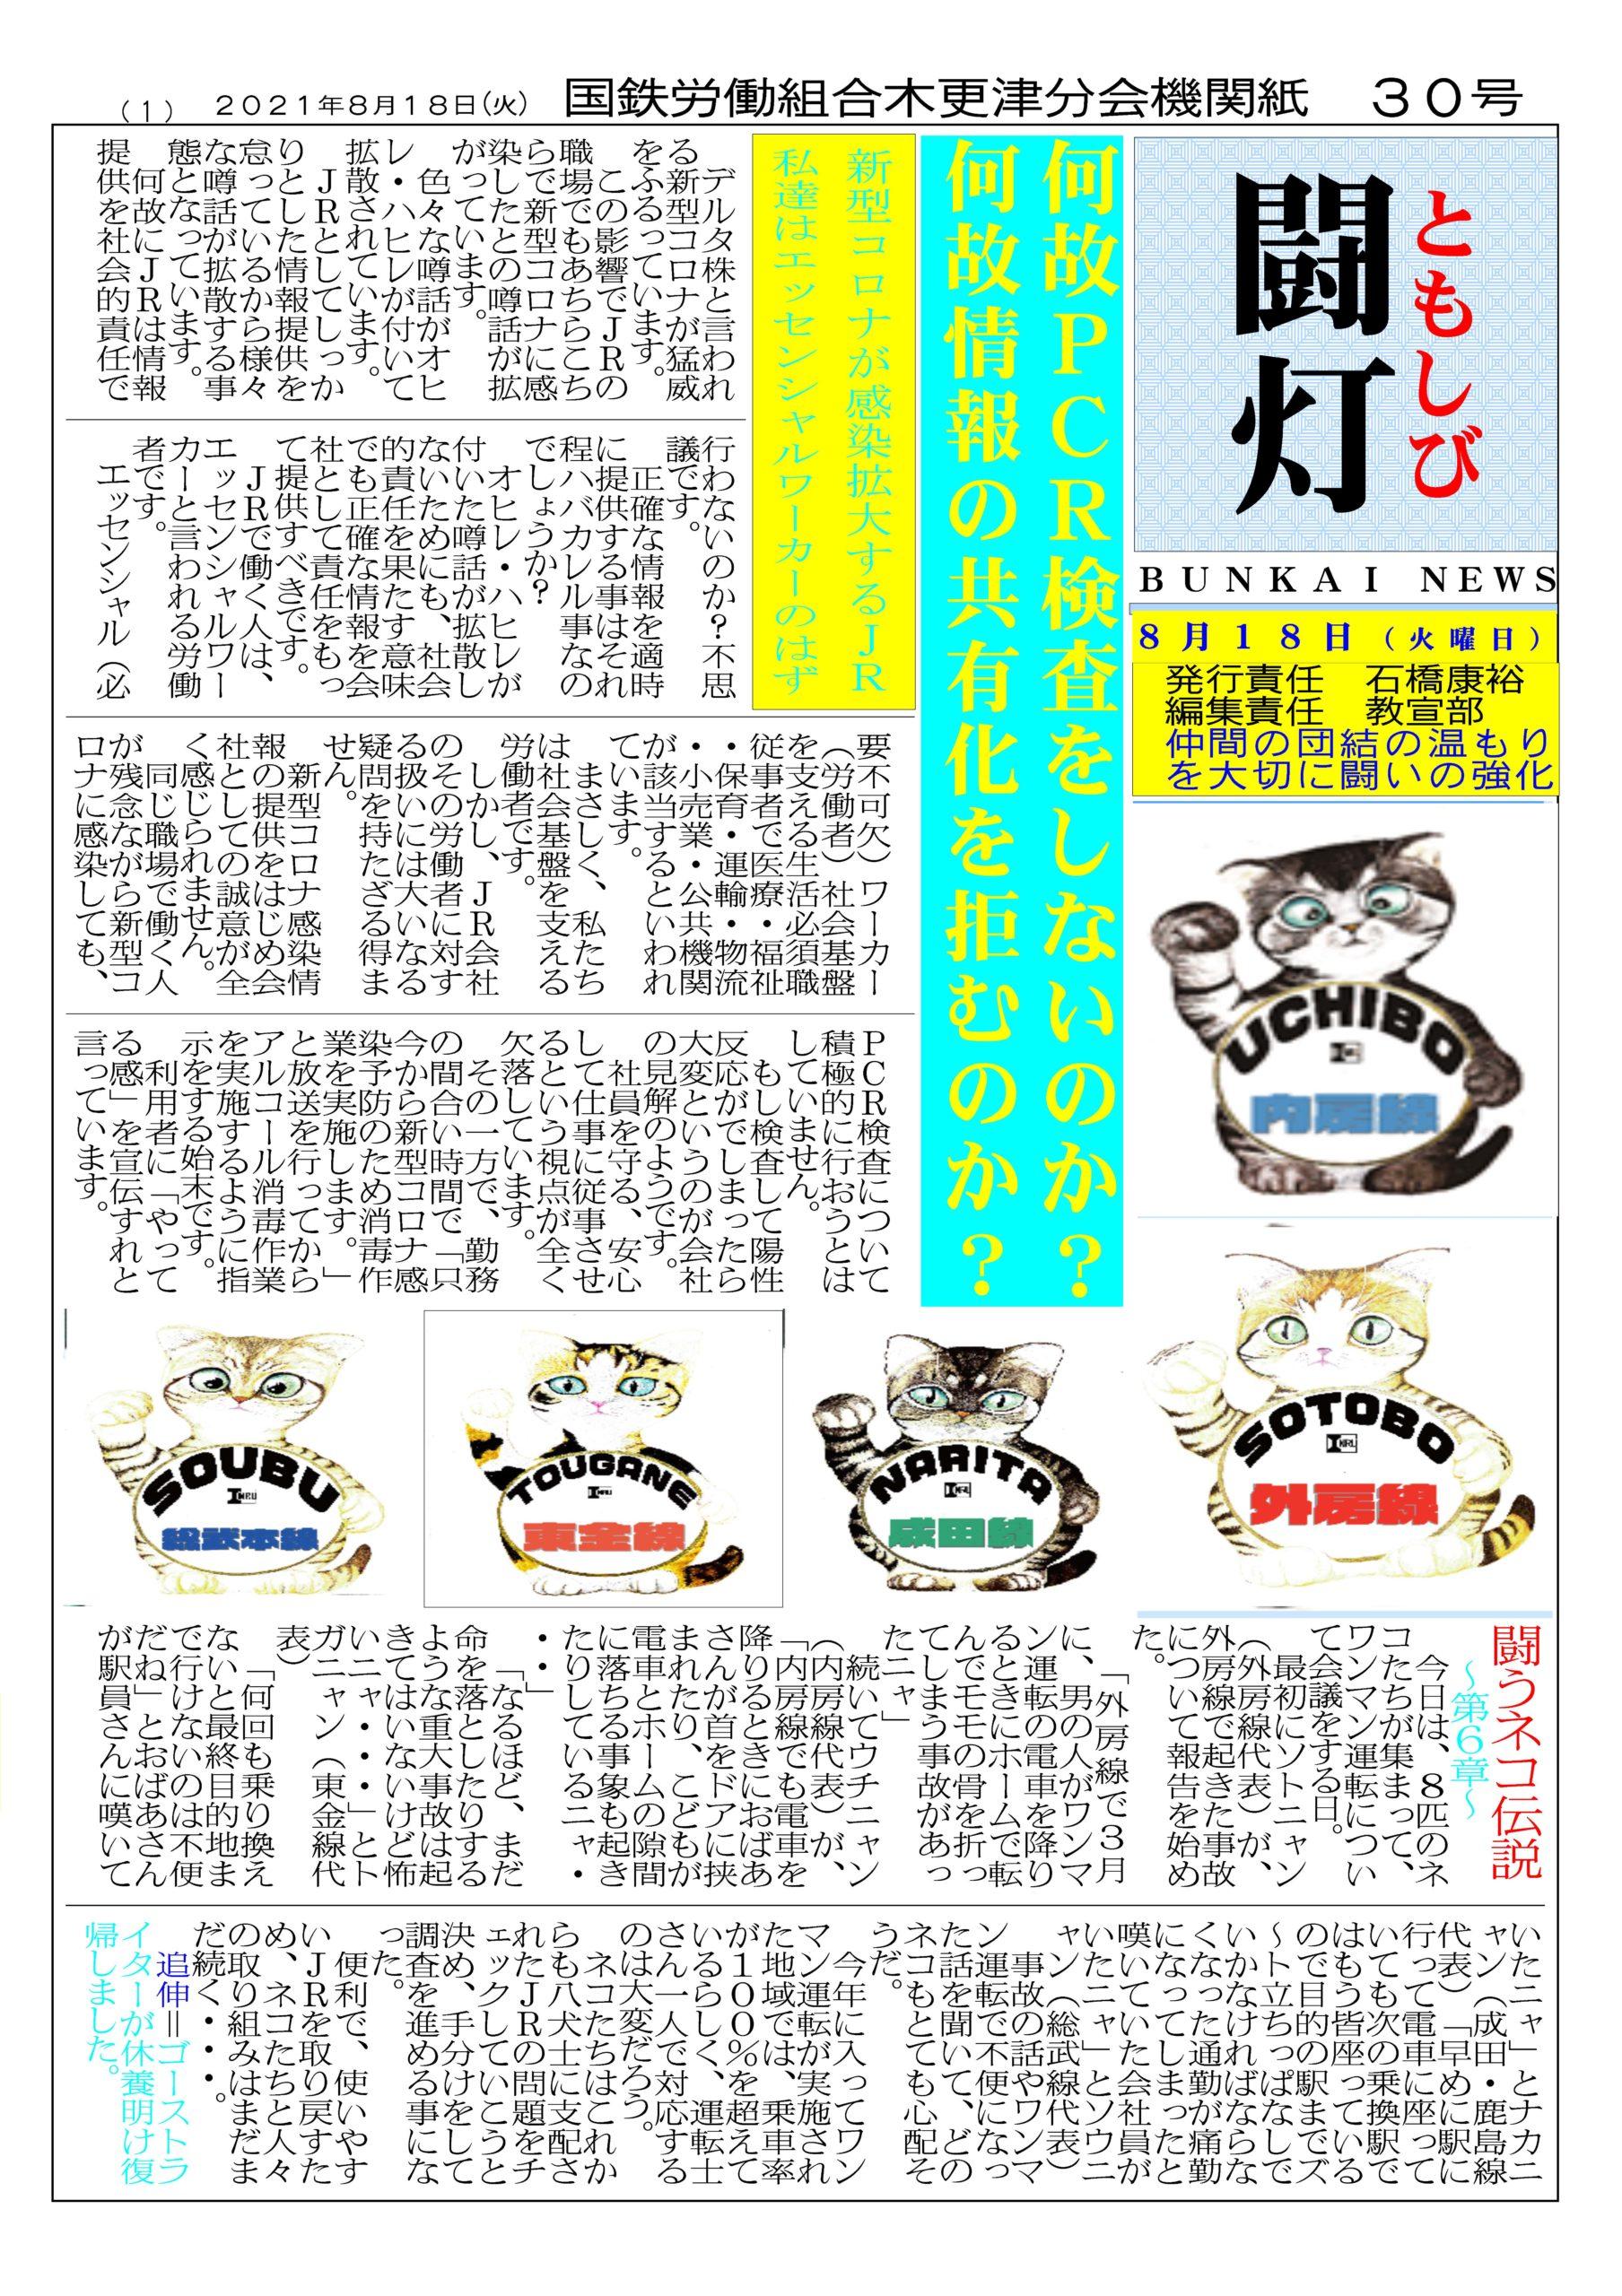 第30号闘灯・木更津分会機関紙